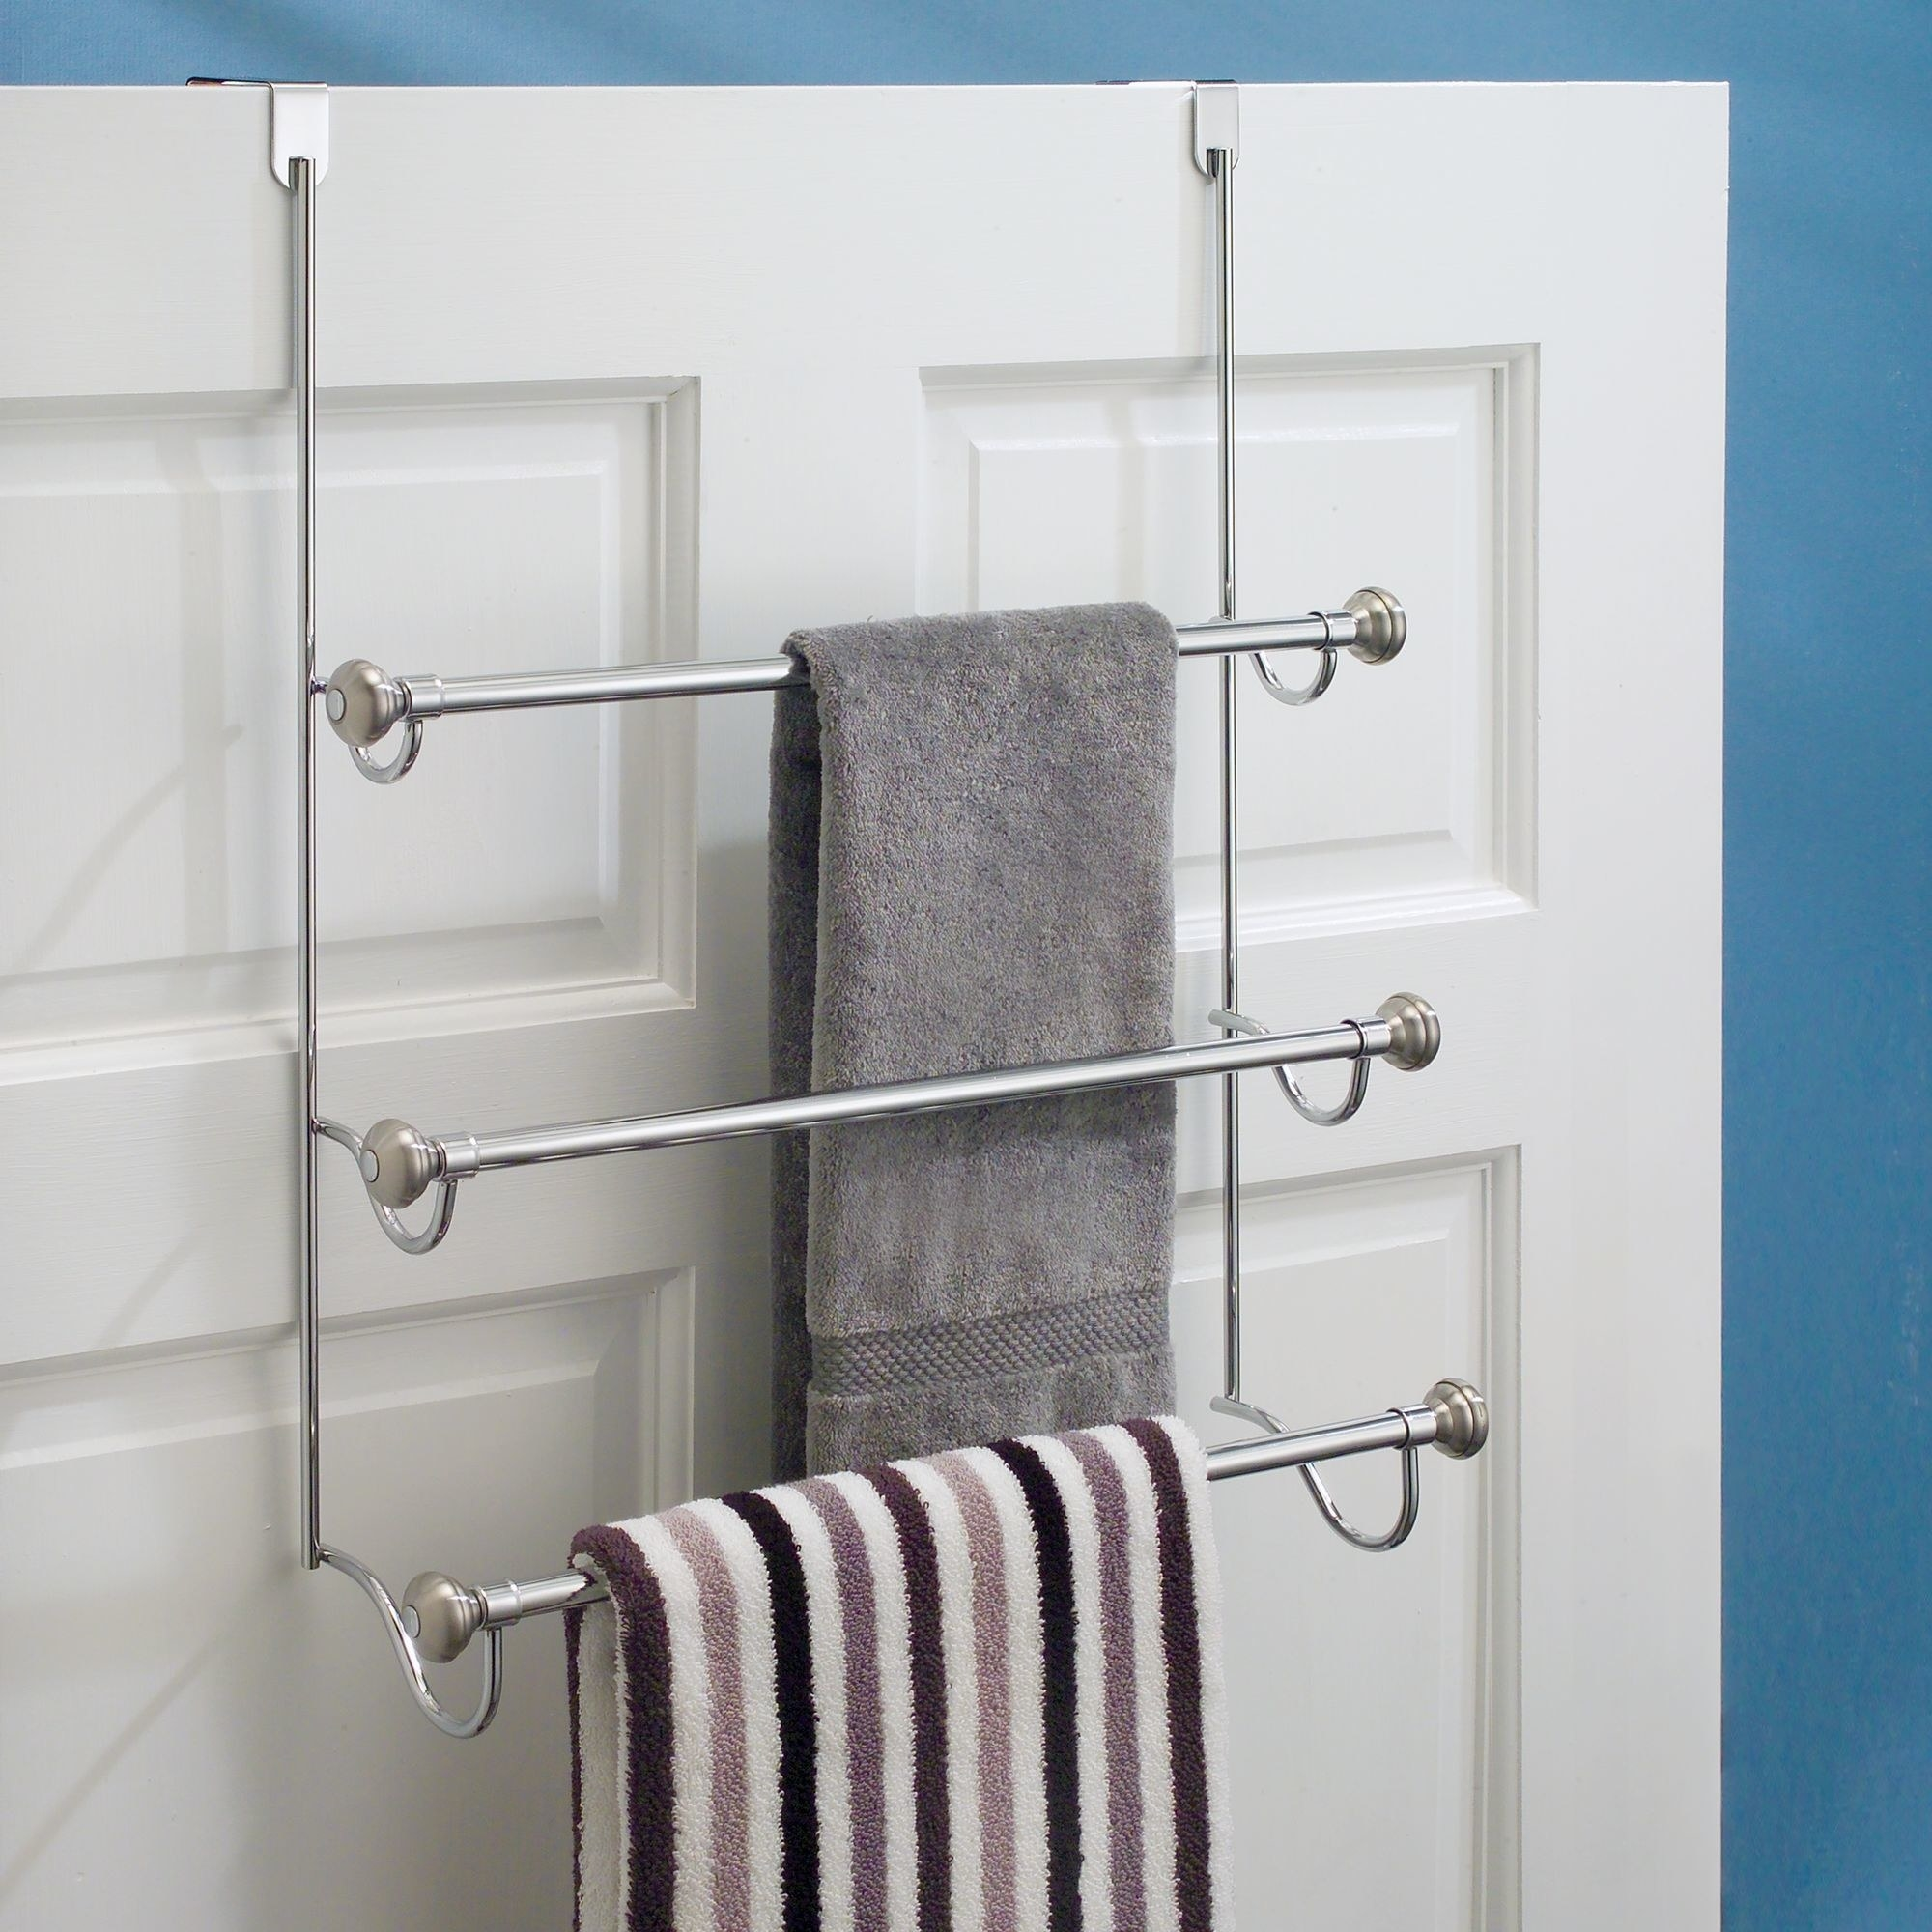 An over-the-shower door towel rack